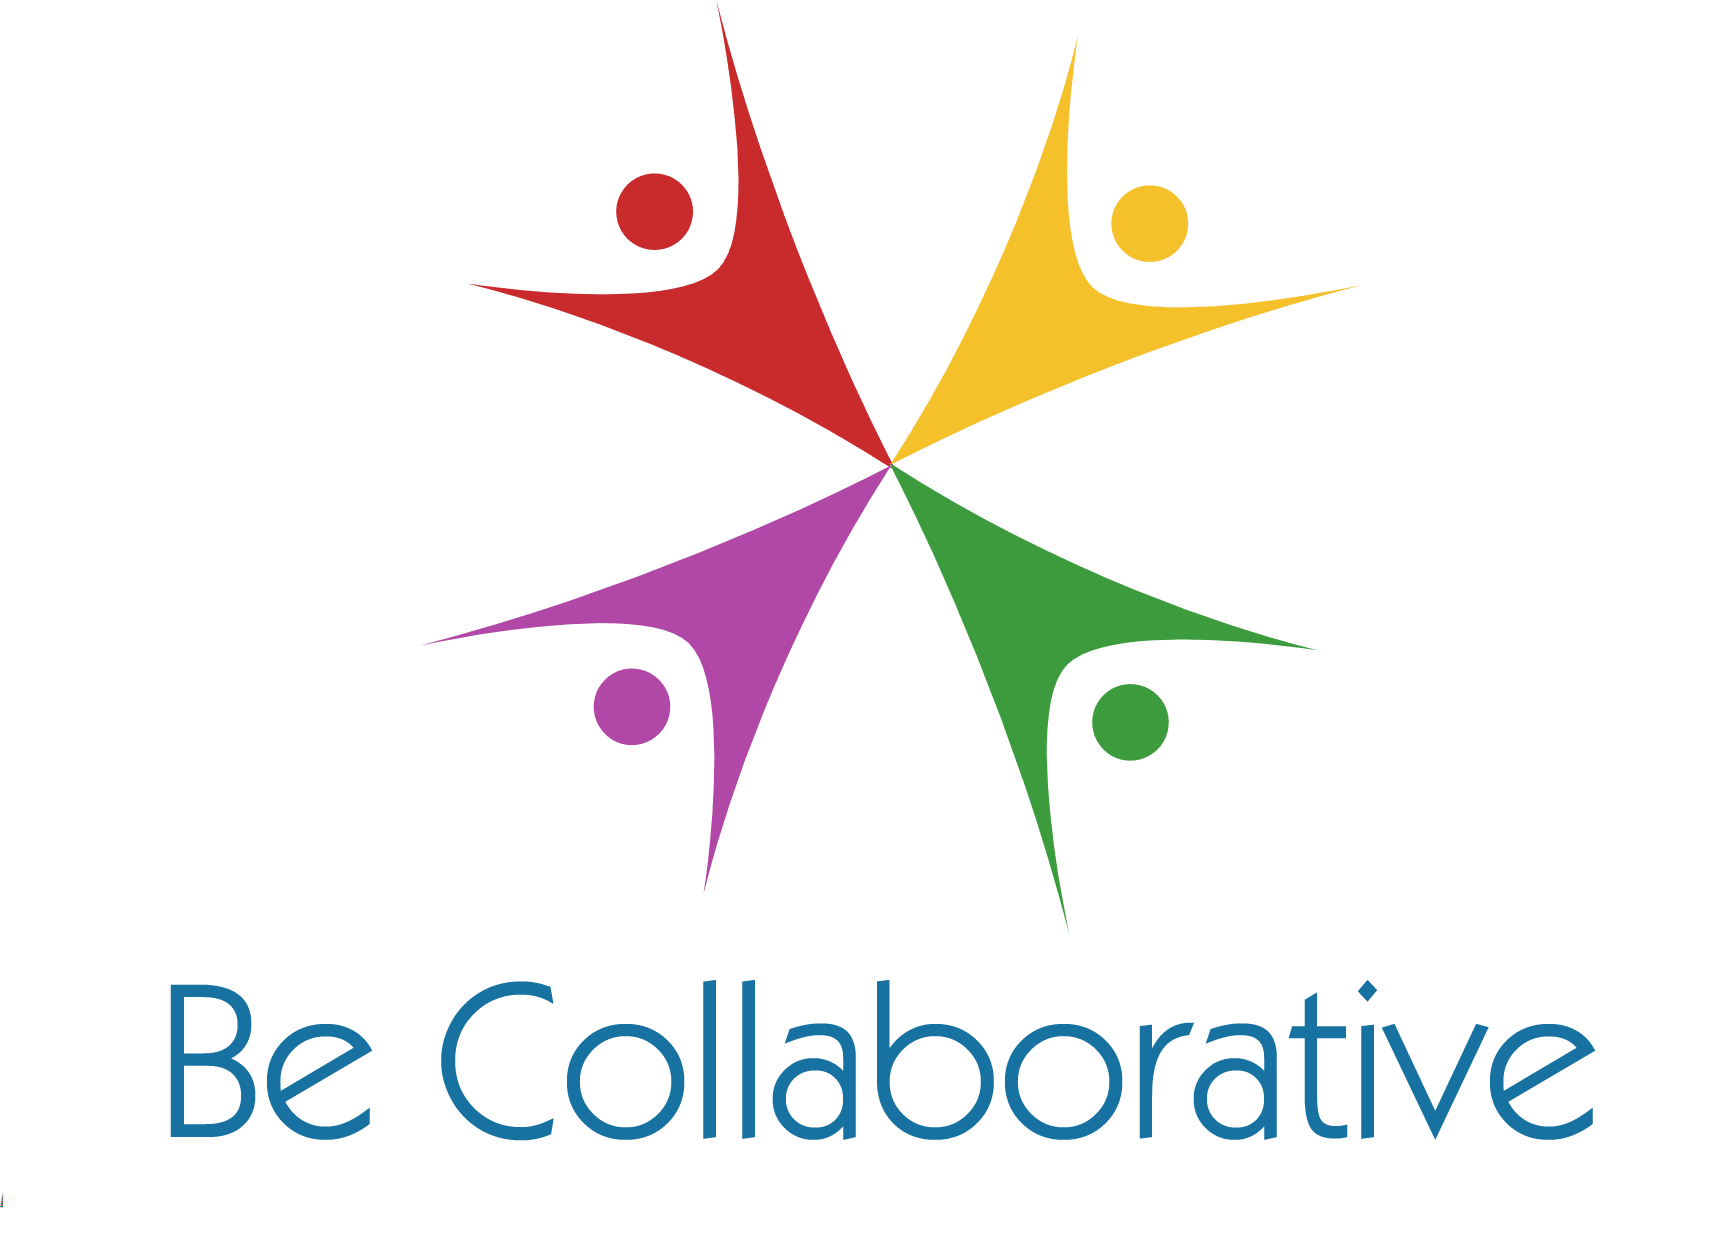 Be Collaborative Carol Picon